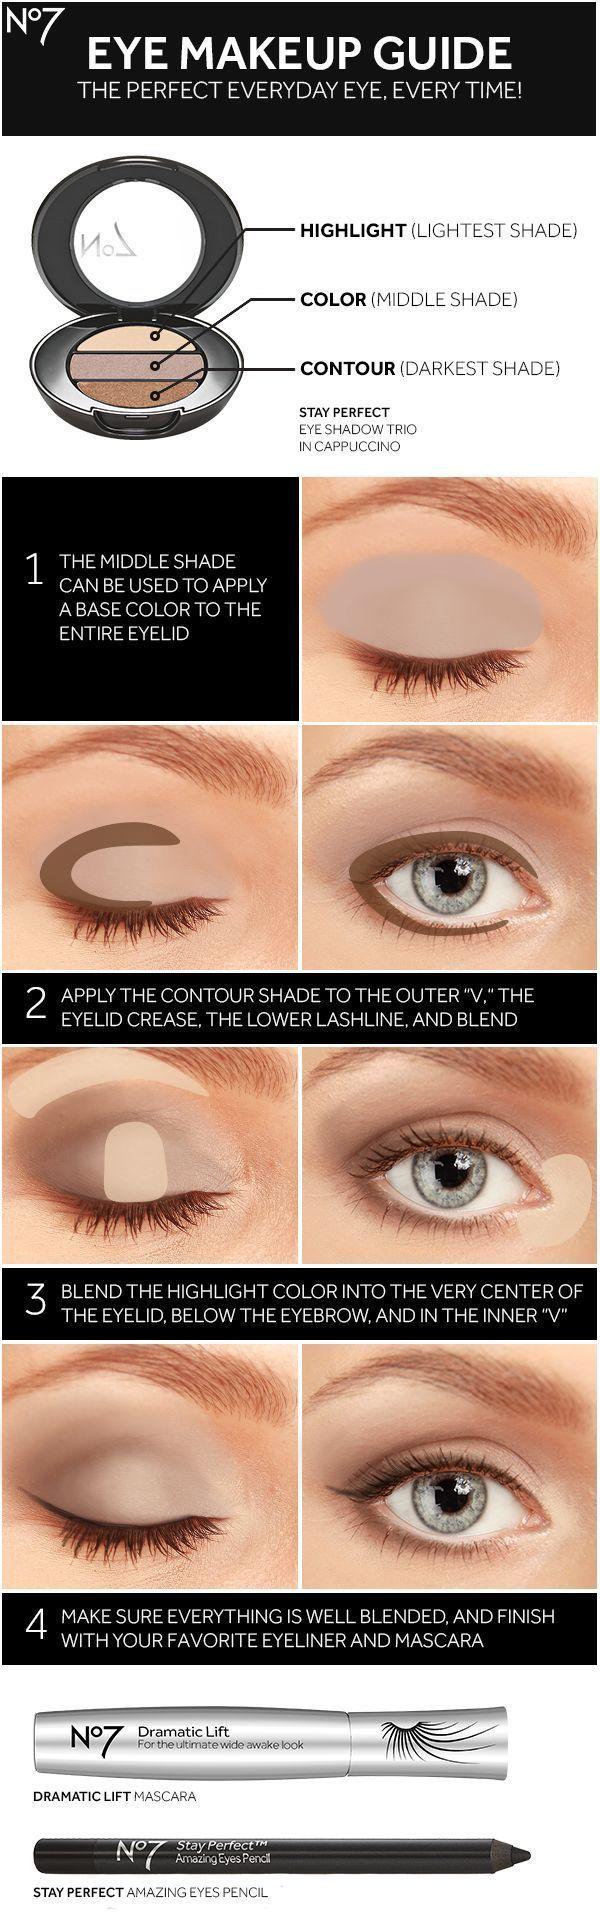 Schärfen Sie Ihr Augen Make-up mit No7 Lidschatten, Mascara, Eyeliner und diese…